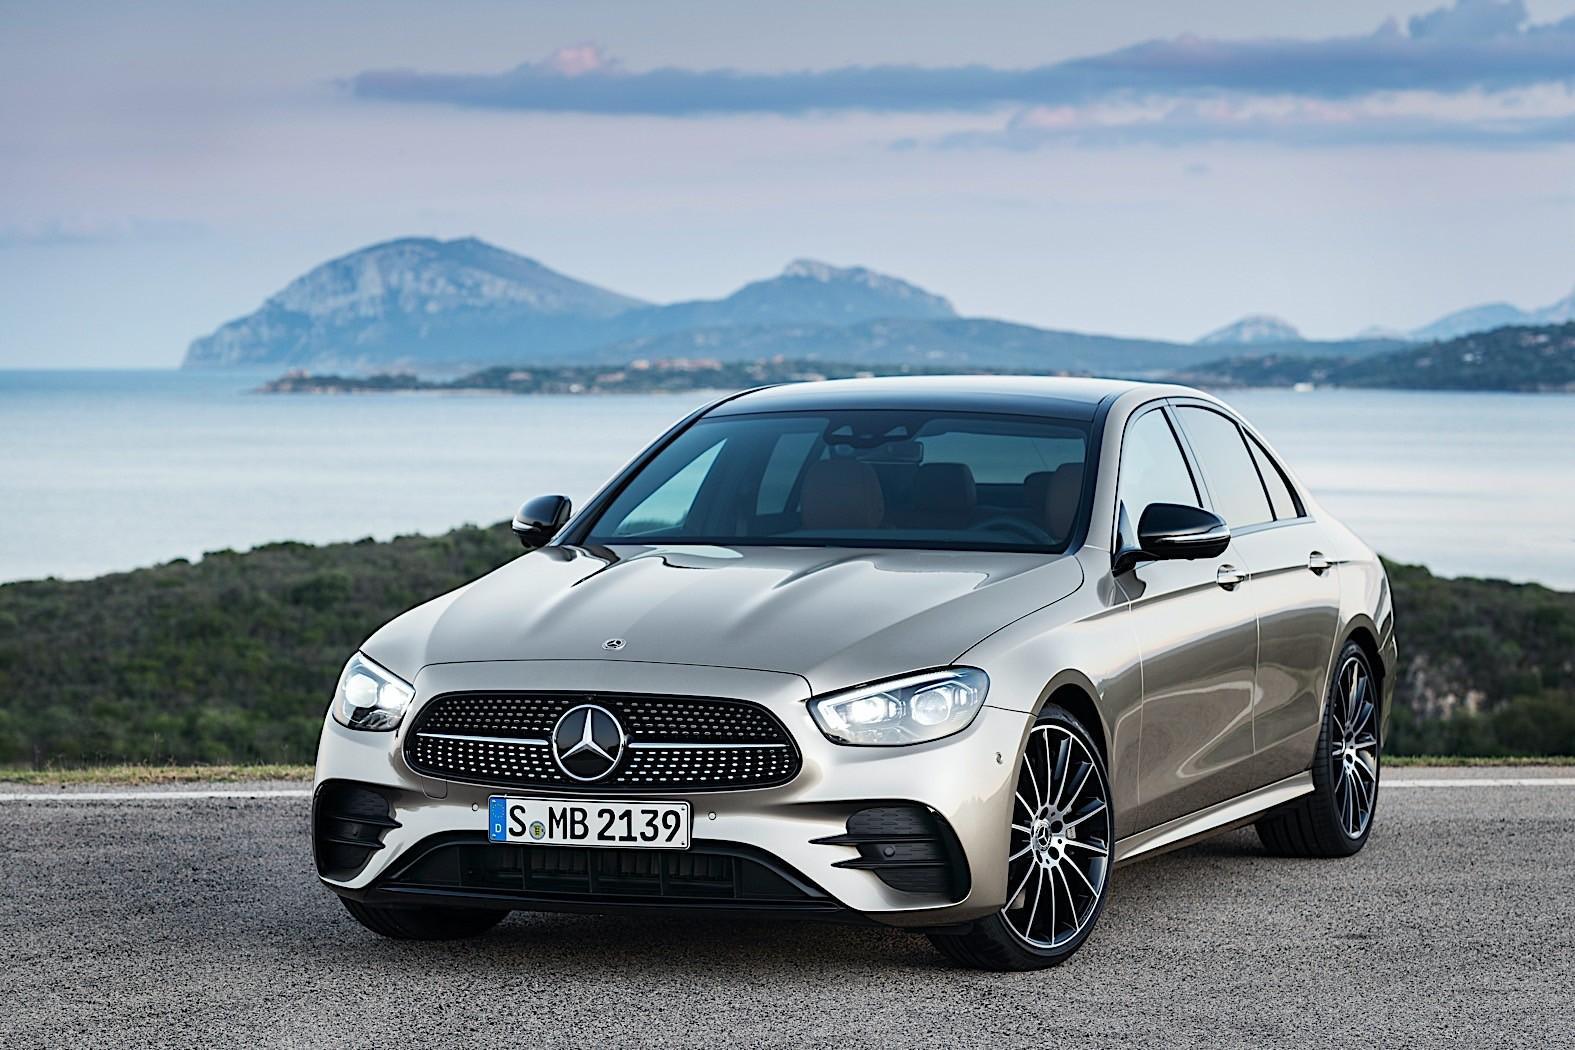 2021 Mercedes-Benz E-Class Saloon and Estate - NamasteCar